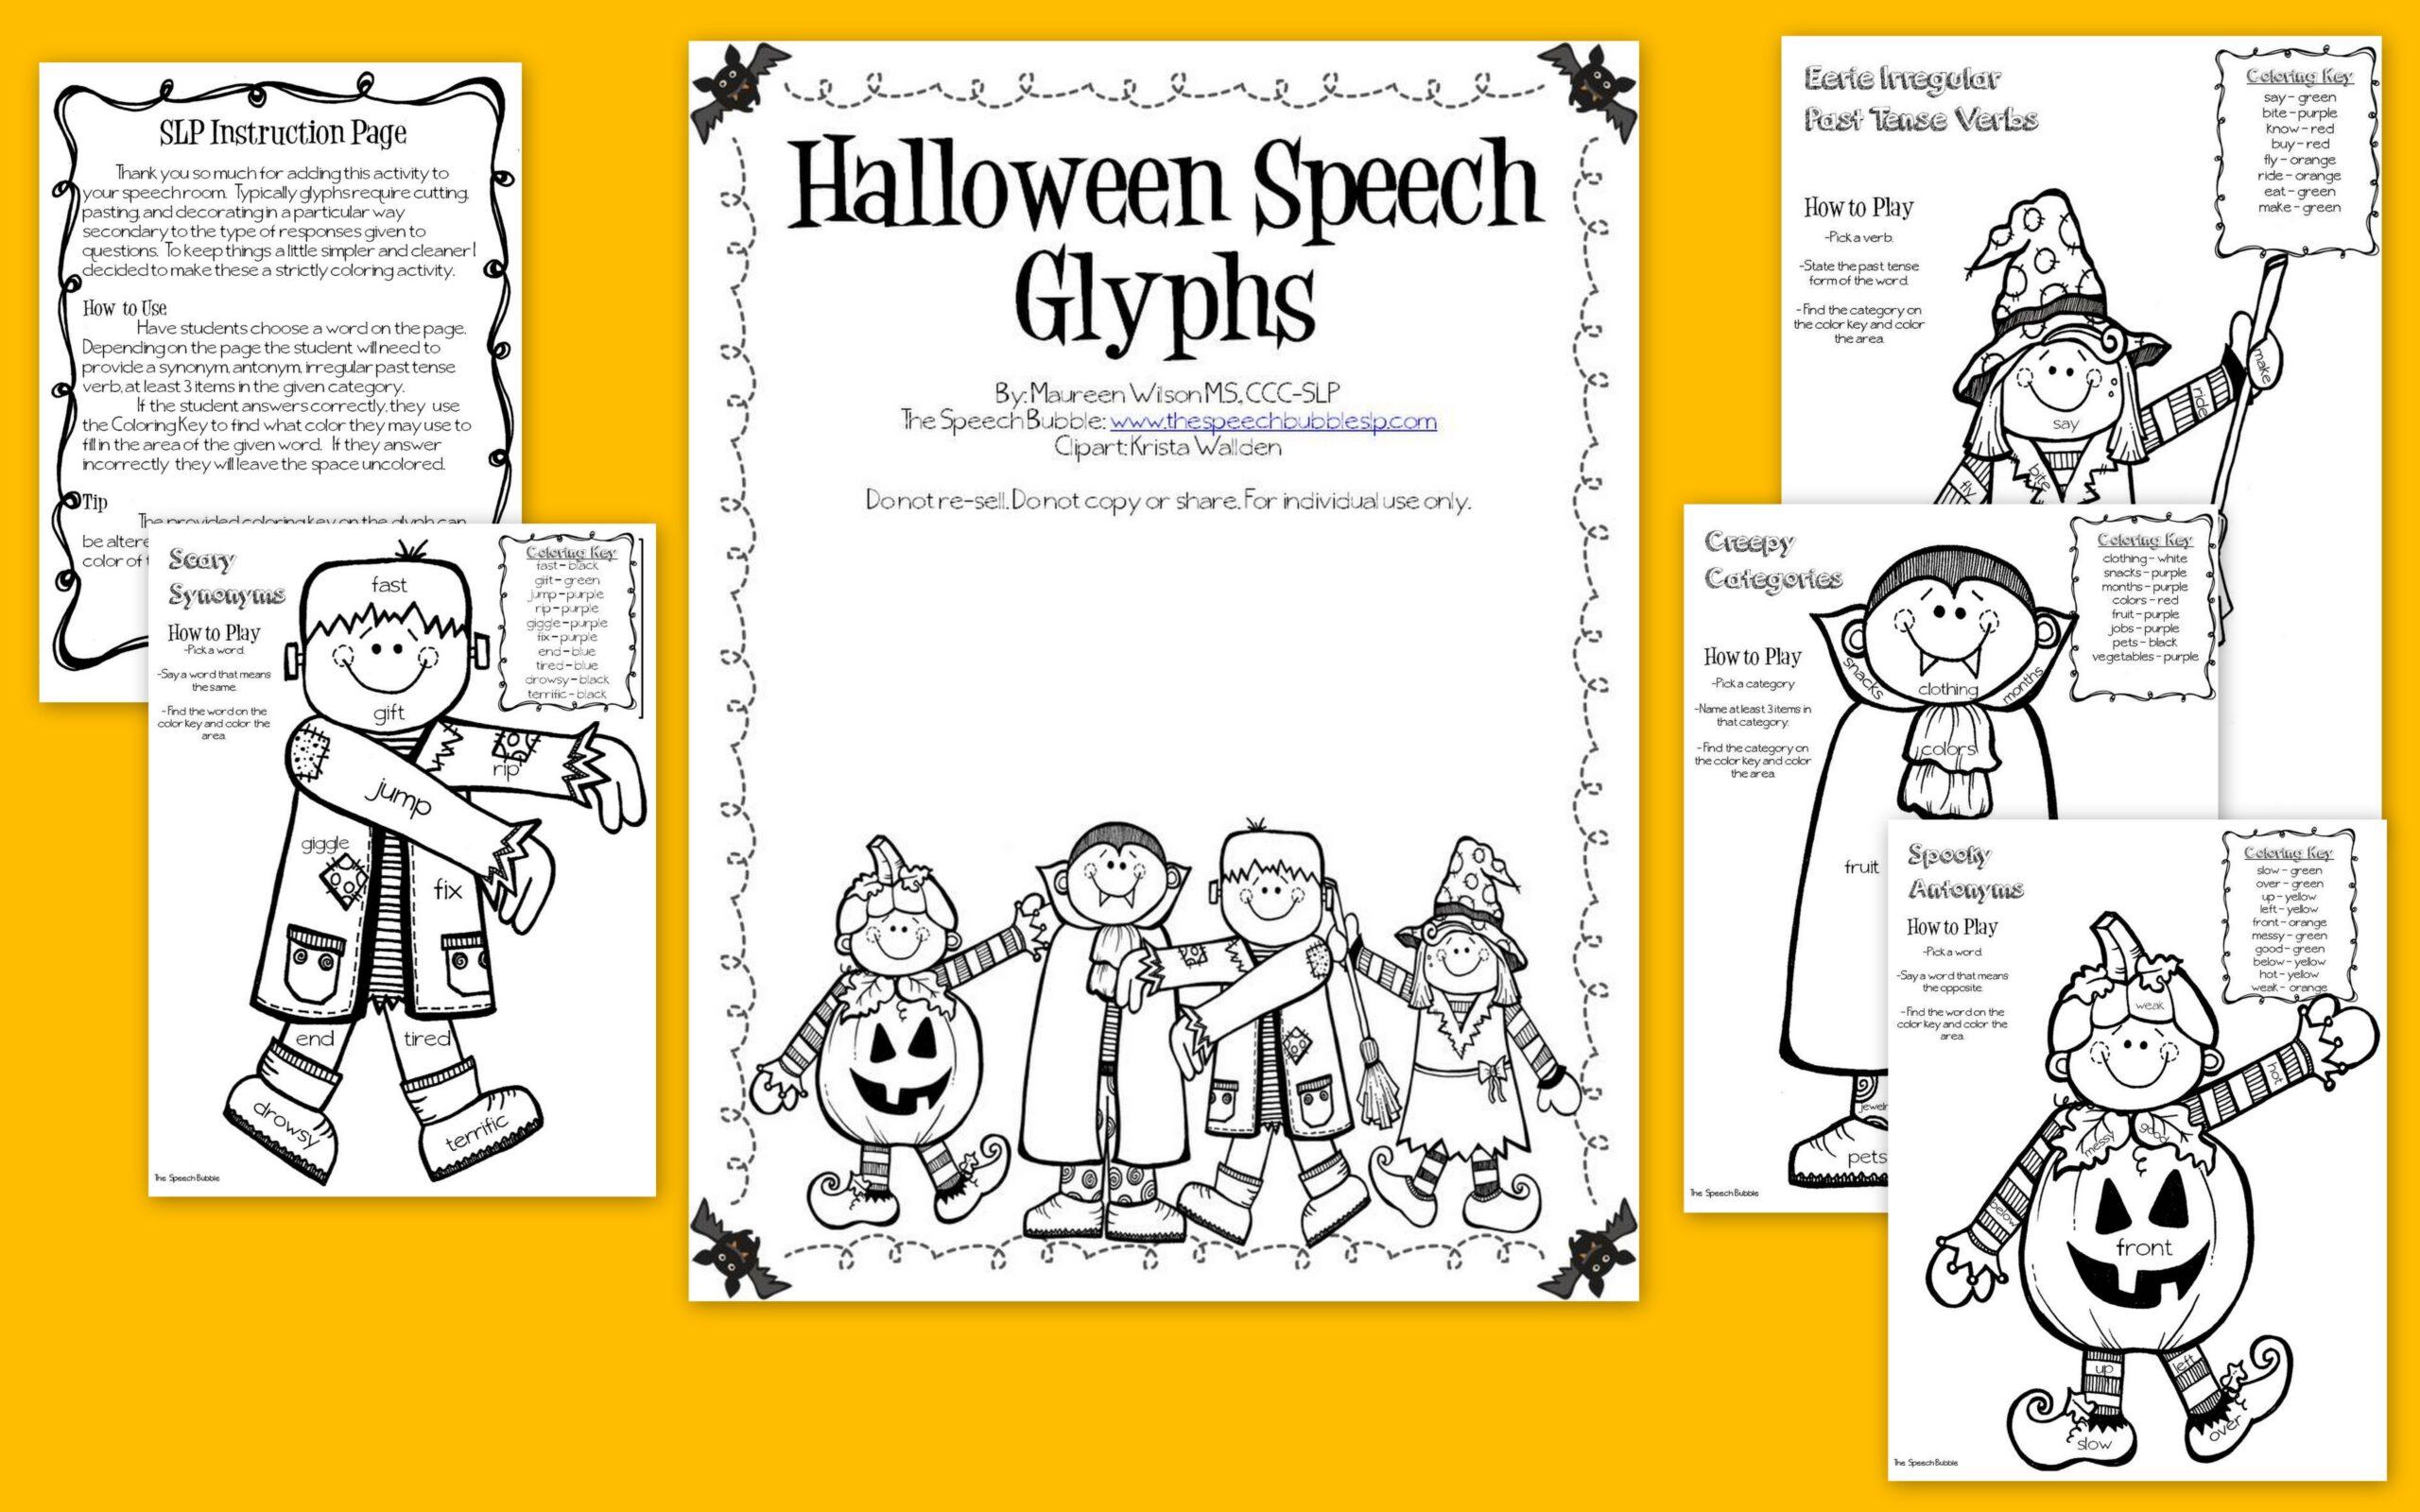 halloween speech glyphs - Halloween Glyphs